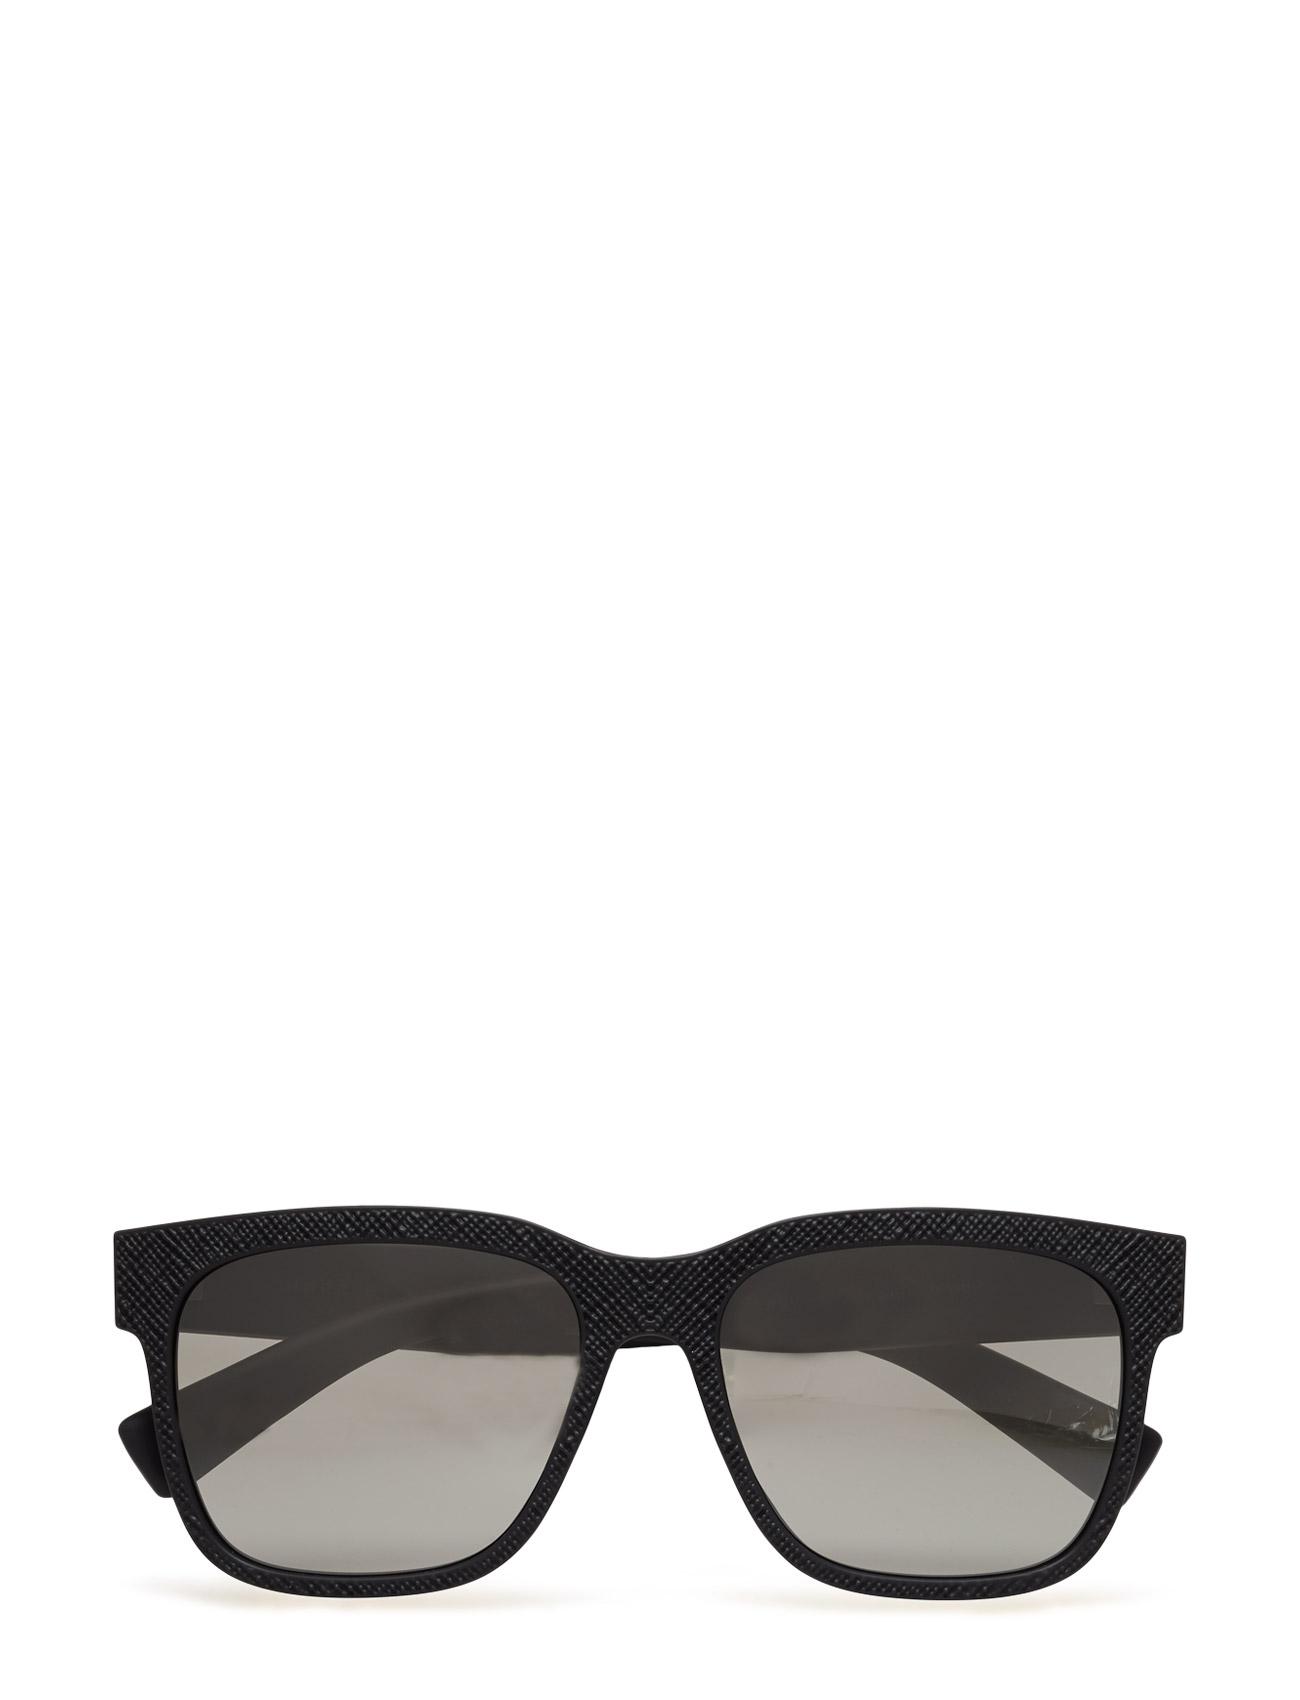 Mmj 482/S Marc by Marc Jacobs Sunglasses Solbriller til Herrer i Blå